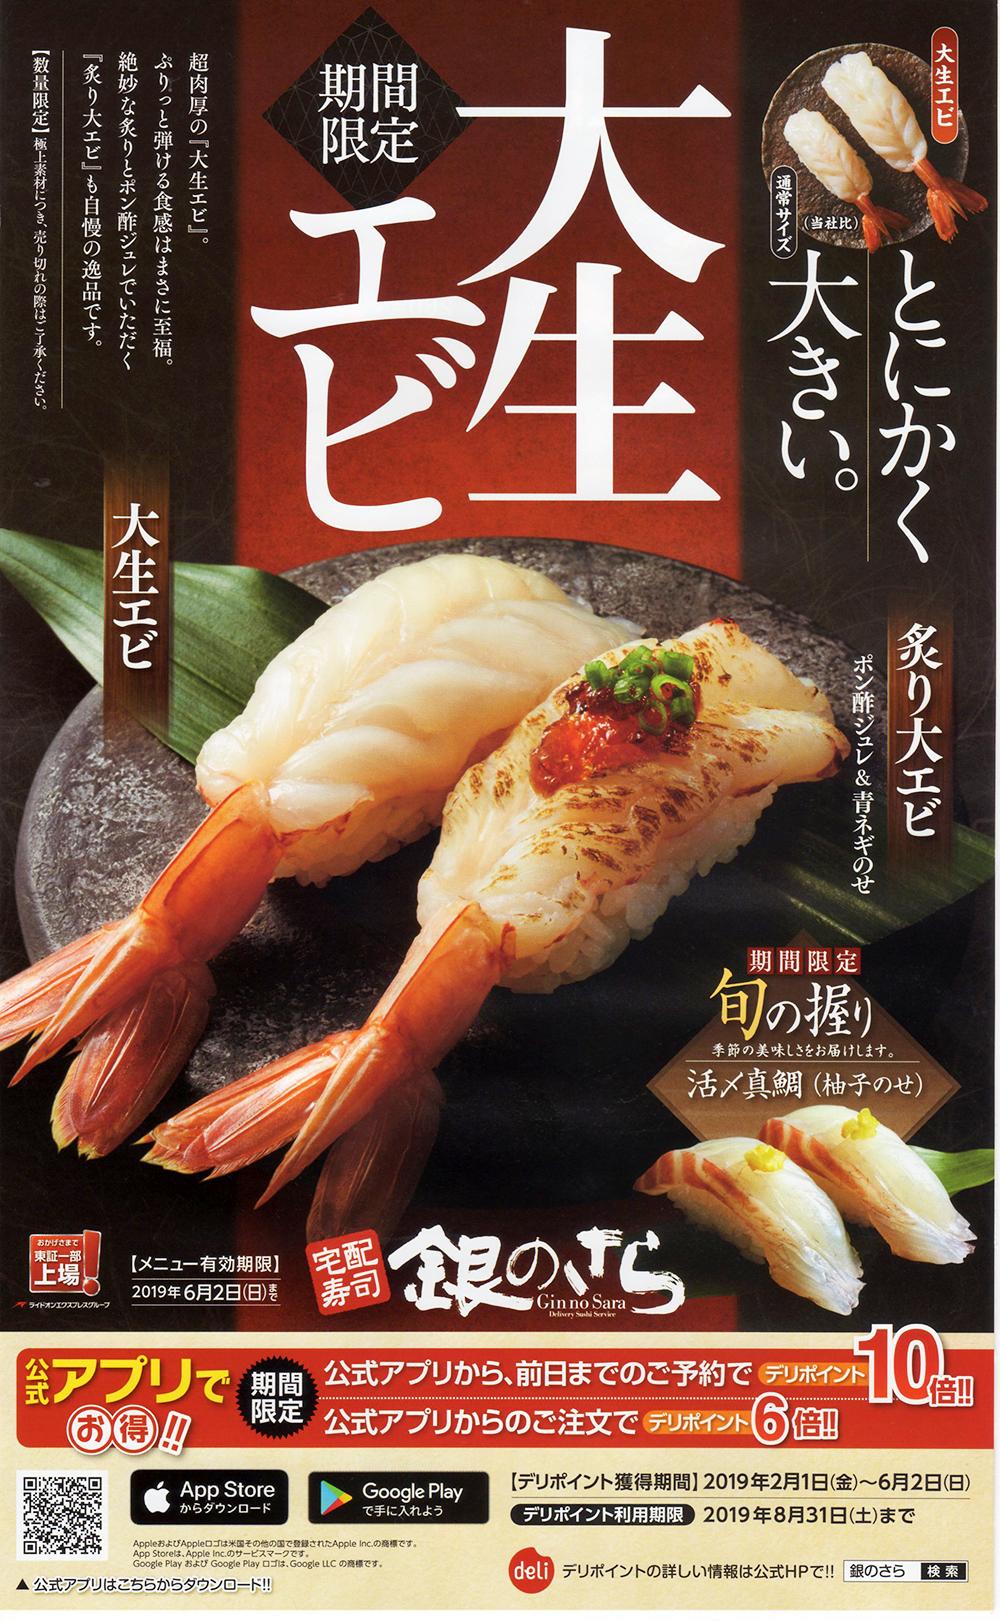 【期間限定】大生エビ「宅配寿司 銀のさら」